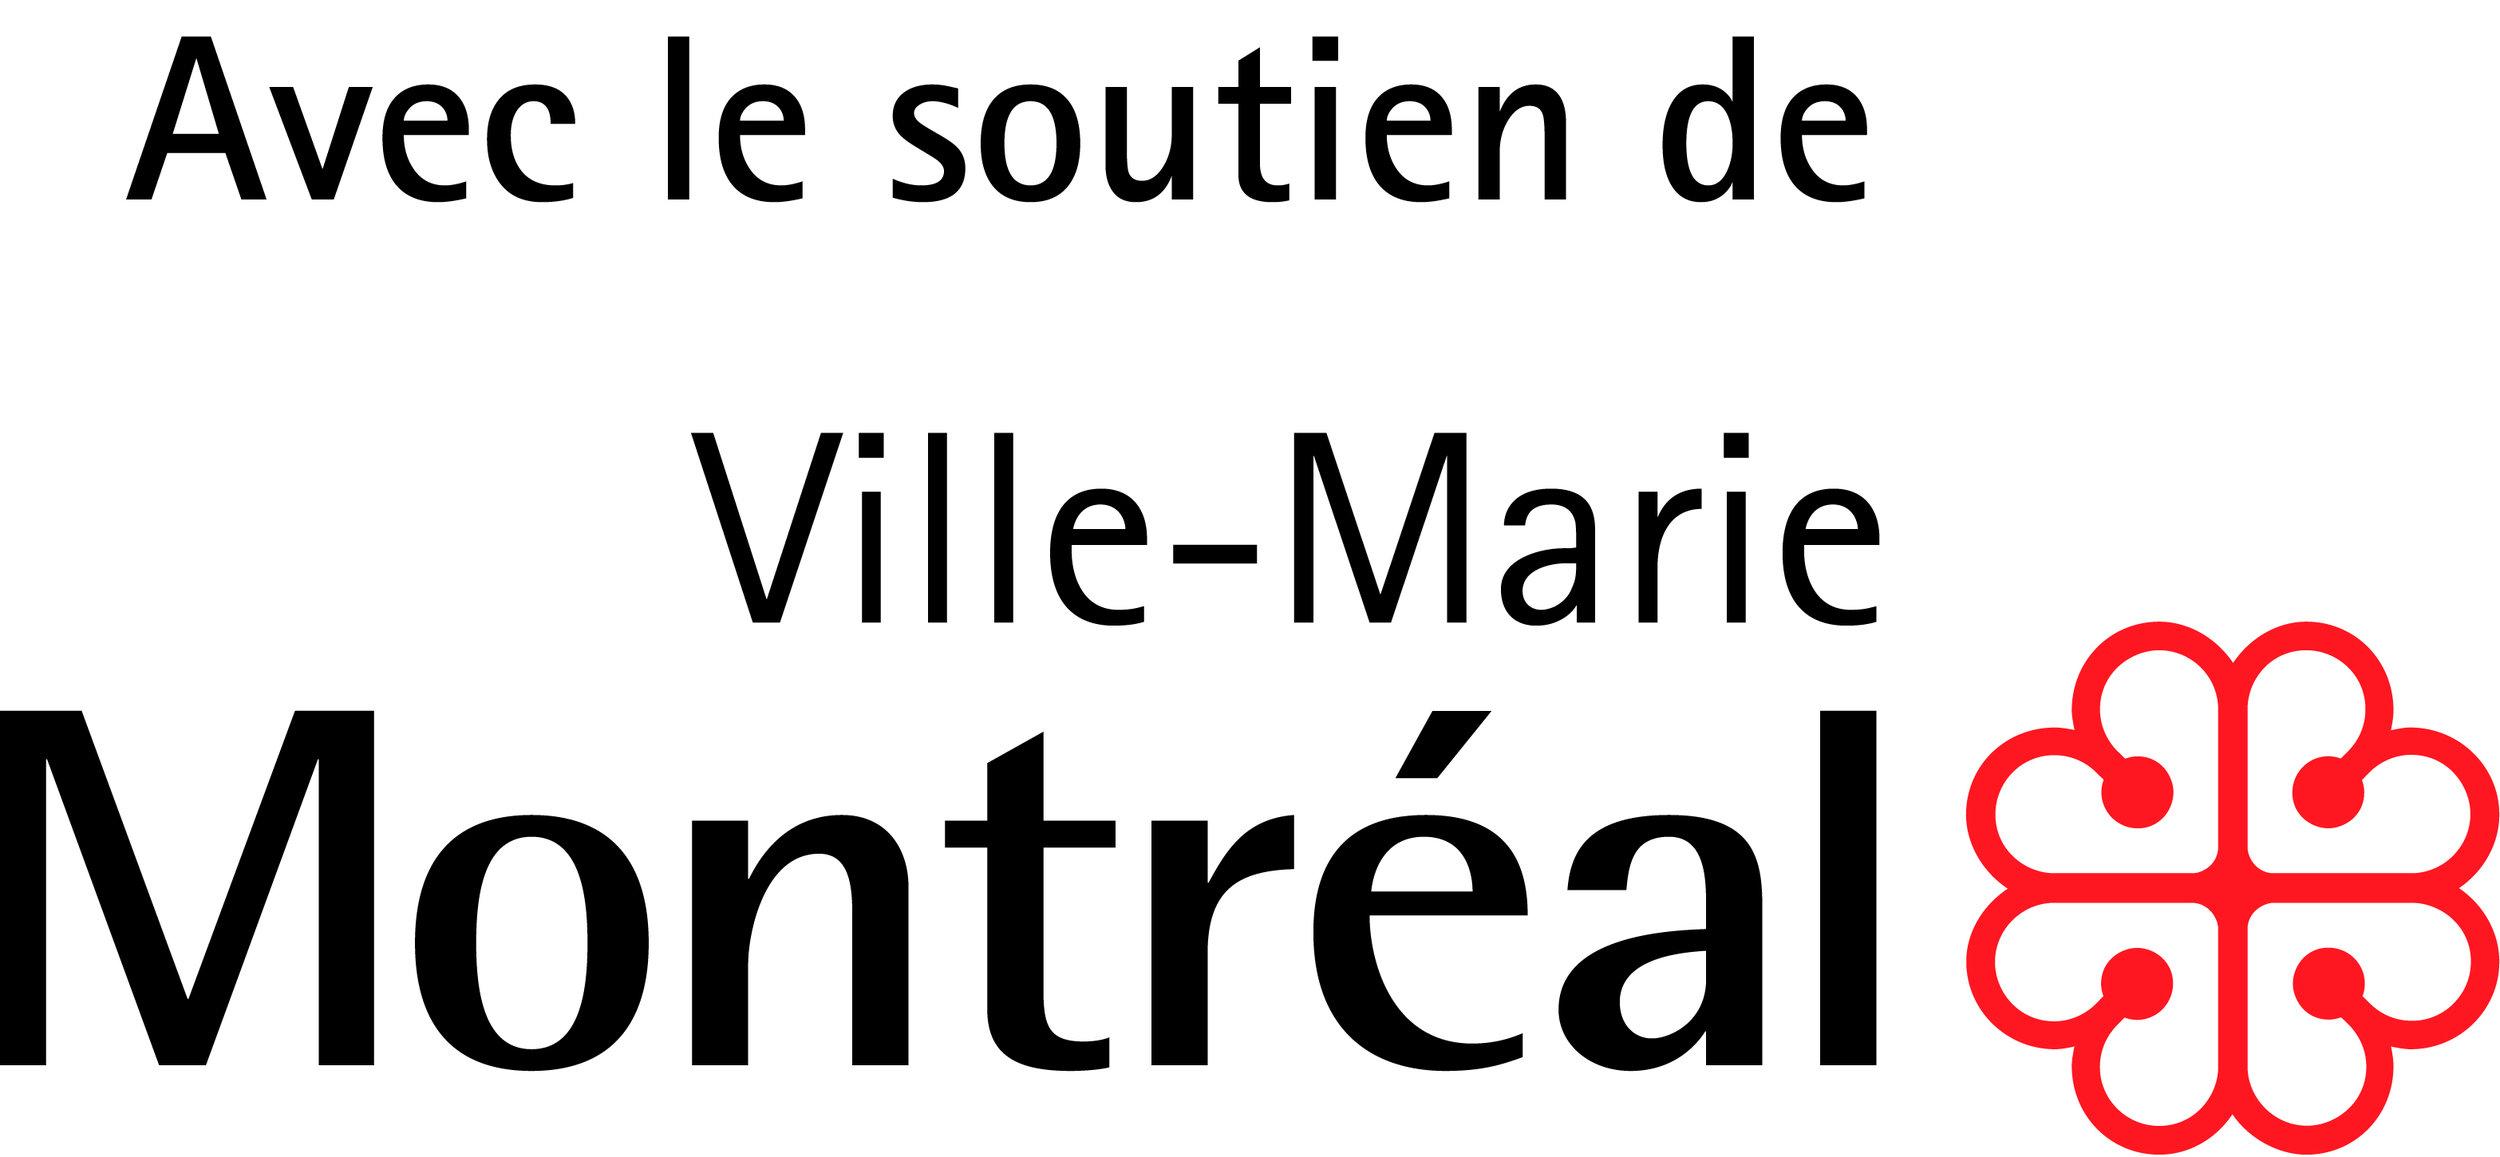 Logo Ville-Marie - Avec le soutien - Couleur 600 dpi (1).jpg